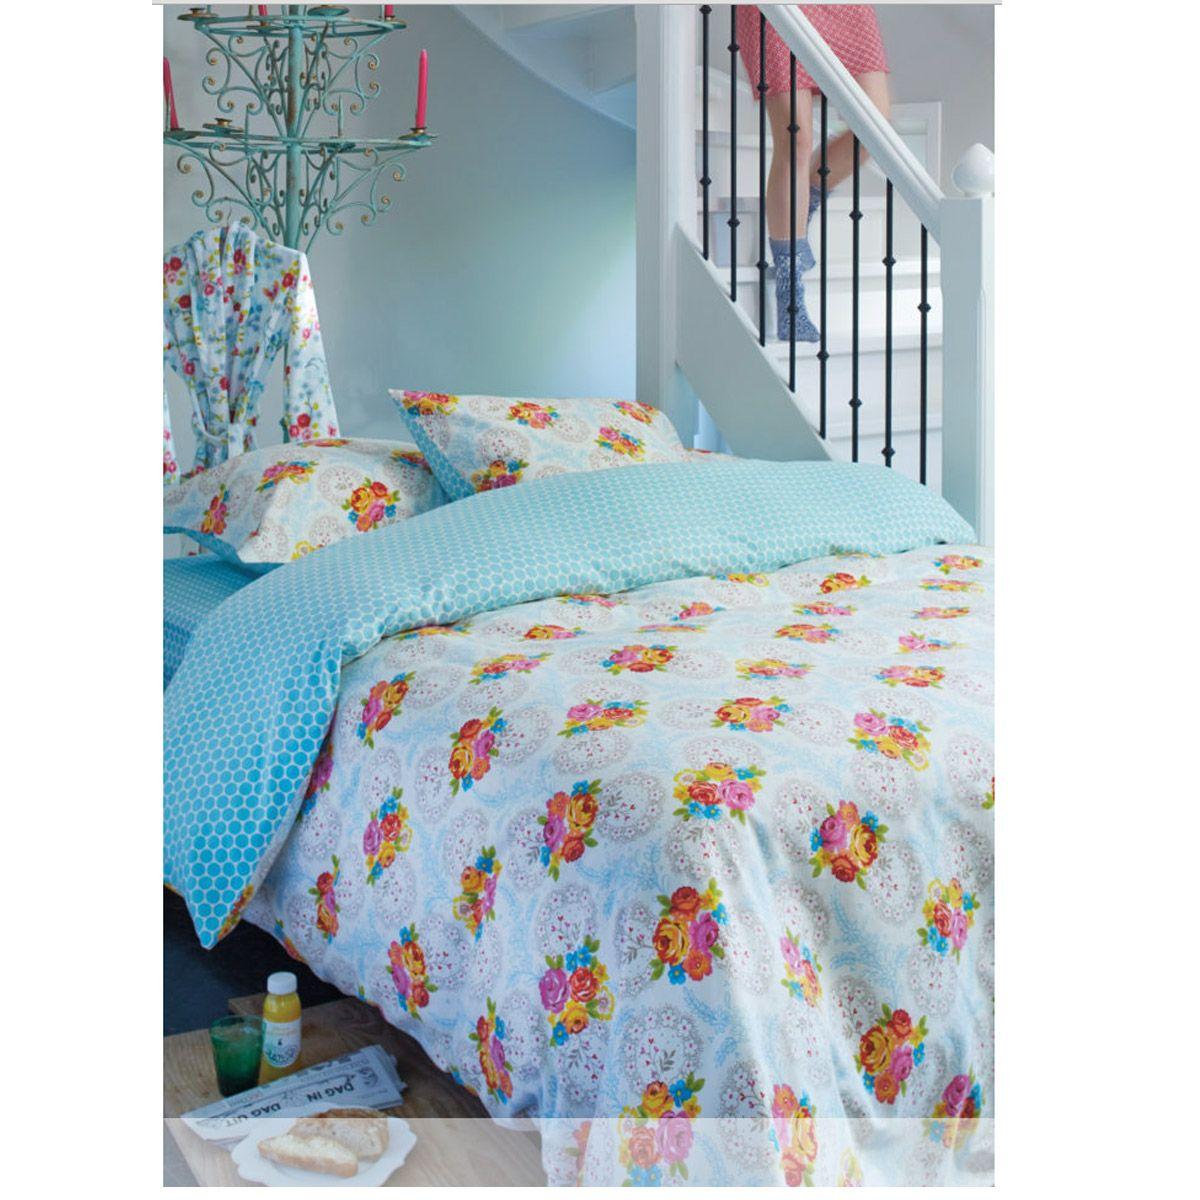 pip studio bettw sche french vintage wei bettw sche pinterest bettw sche bett und. Black Bedroom Furniture Sets. Home Design Ideas